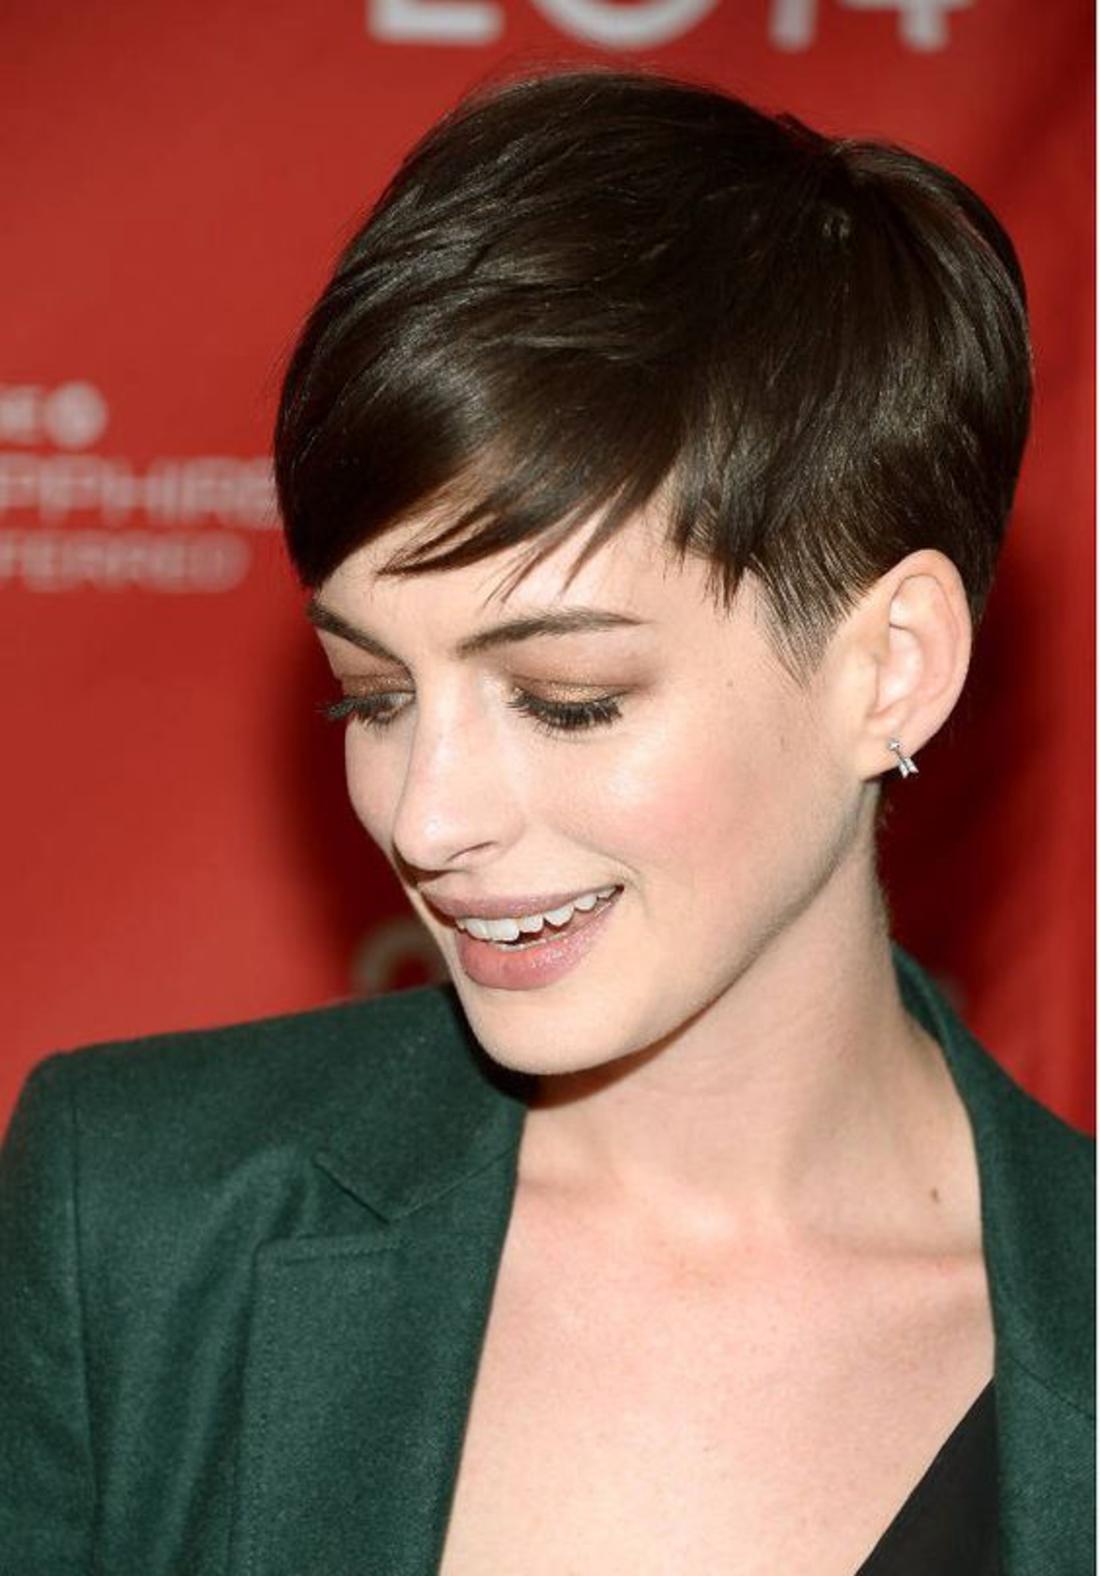 Kurzhaar Undercut von einer Prominenten mit grüner Jacke, kleine Ohrringe